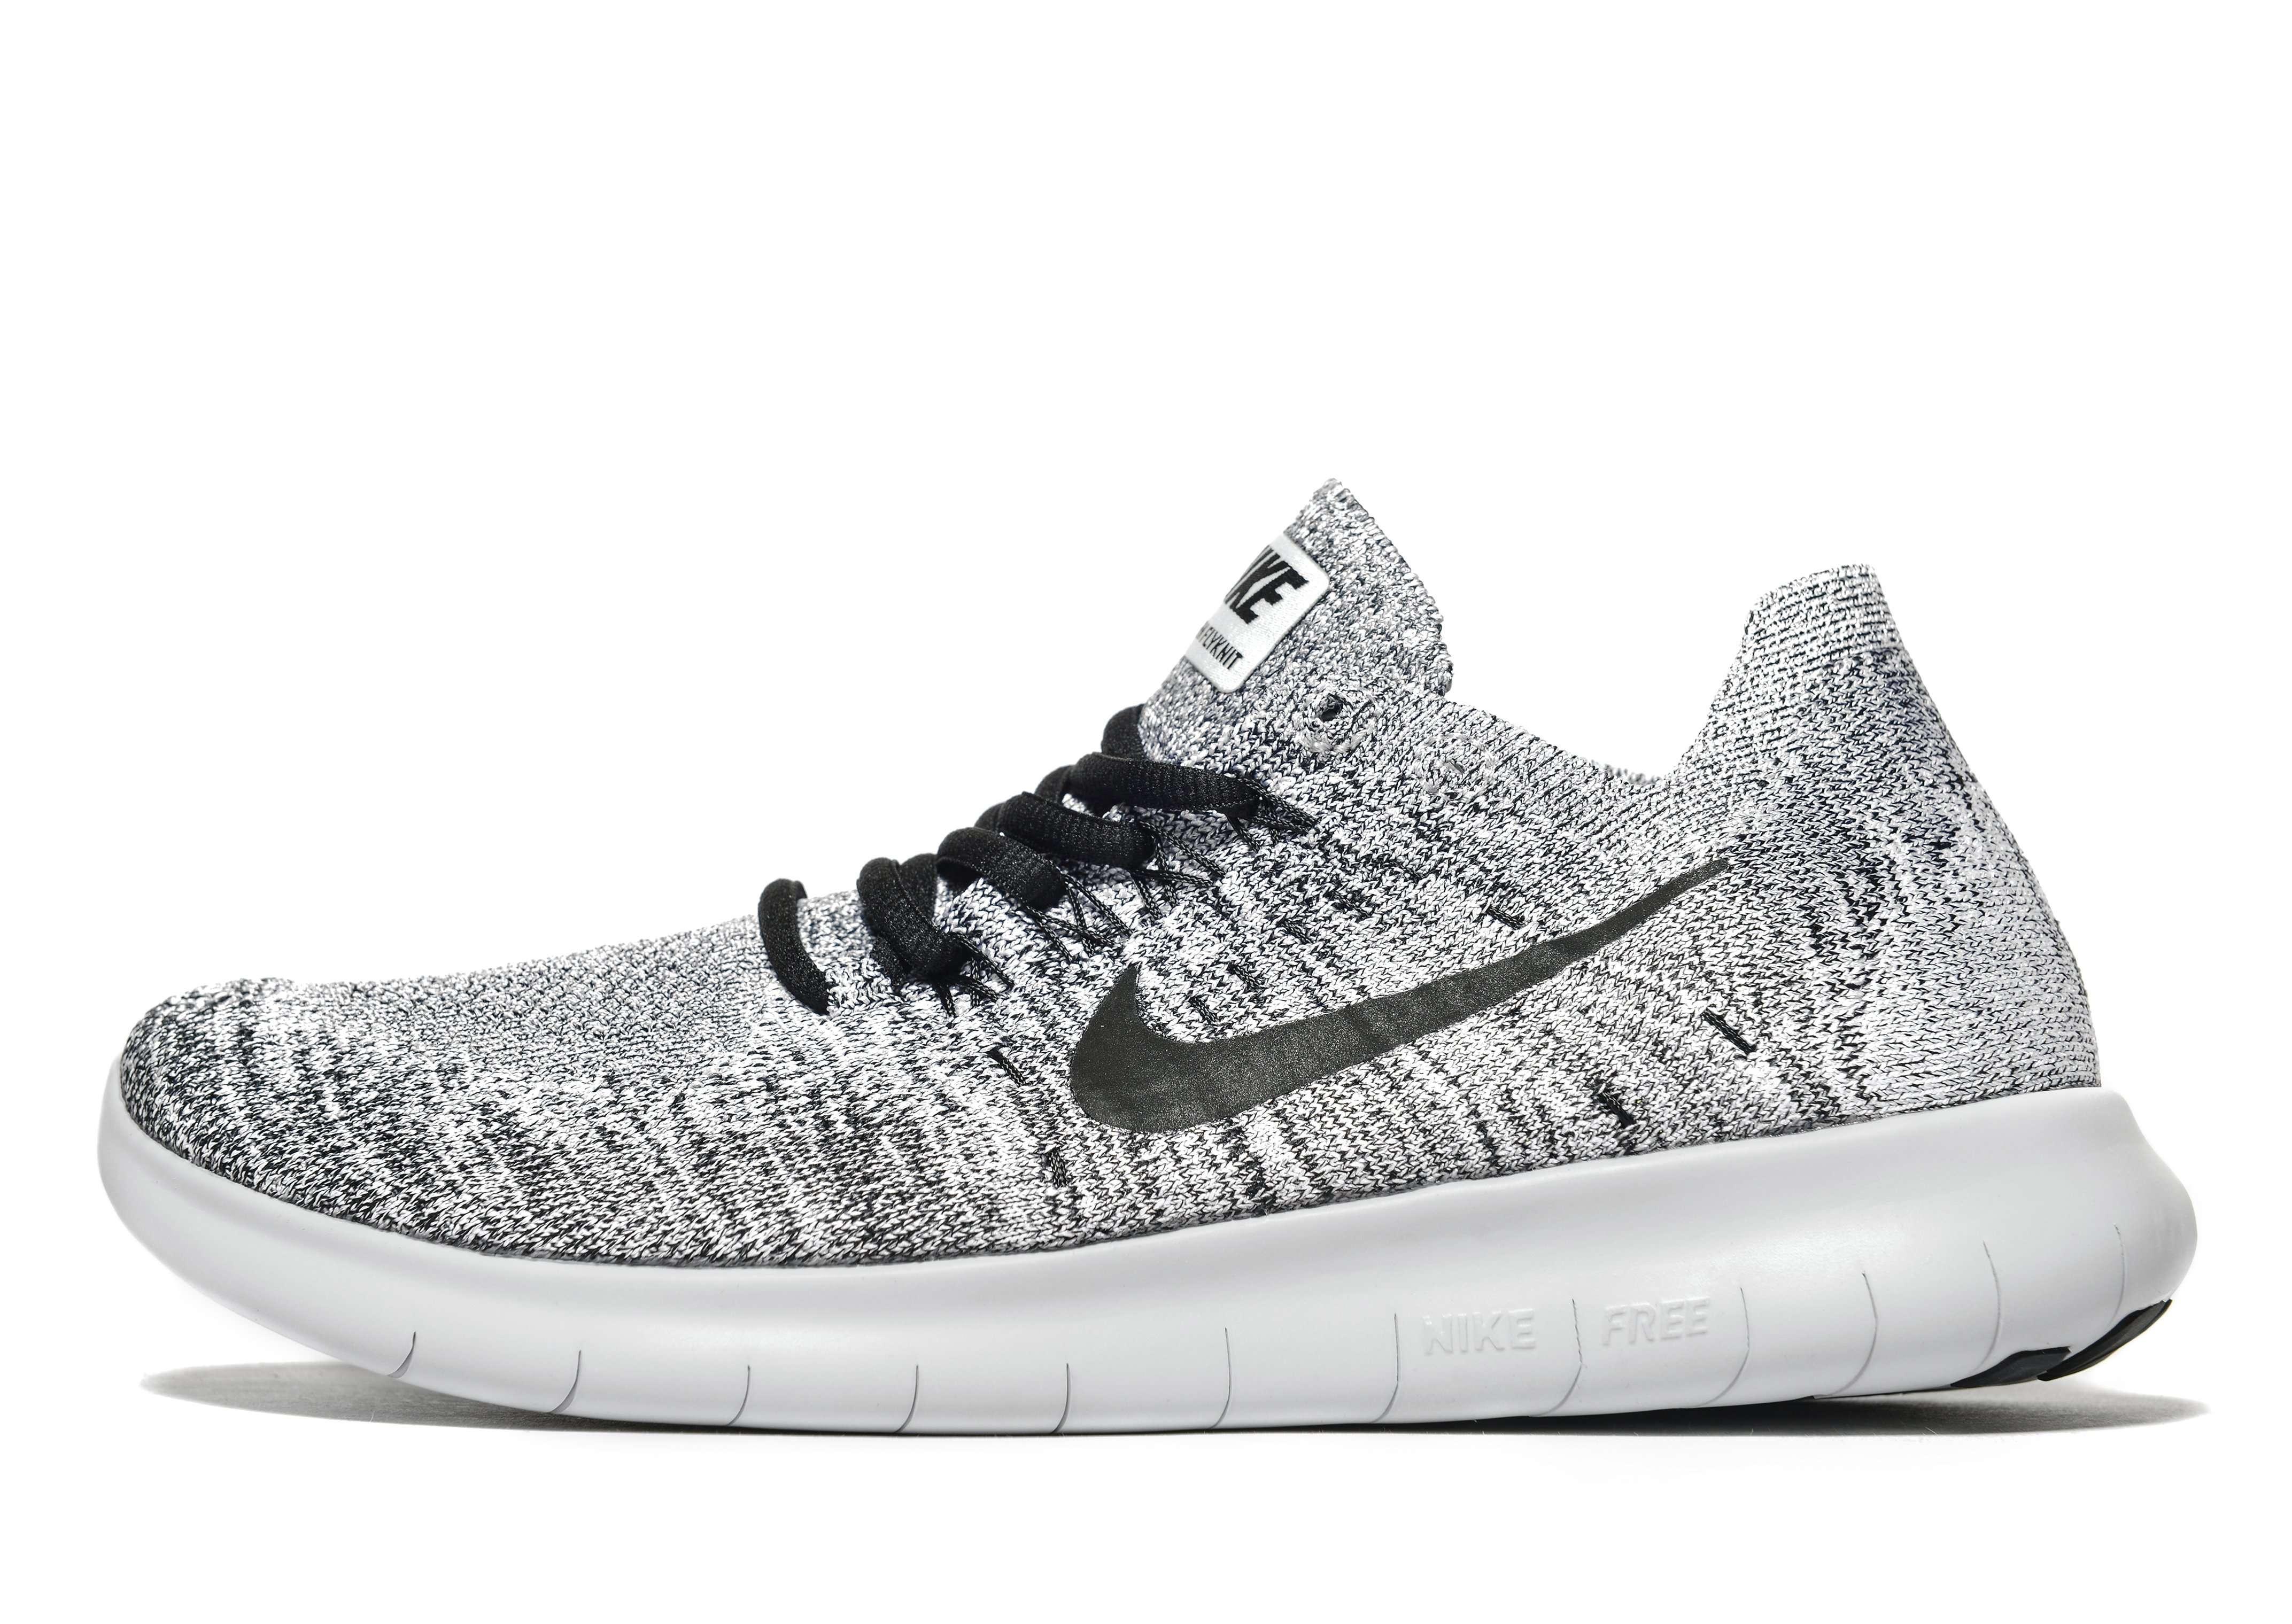 Nike Free Run Flyknit - Women's Trainers - Grey 295828